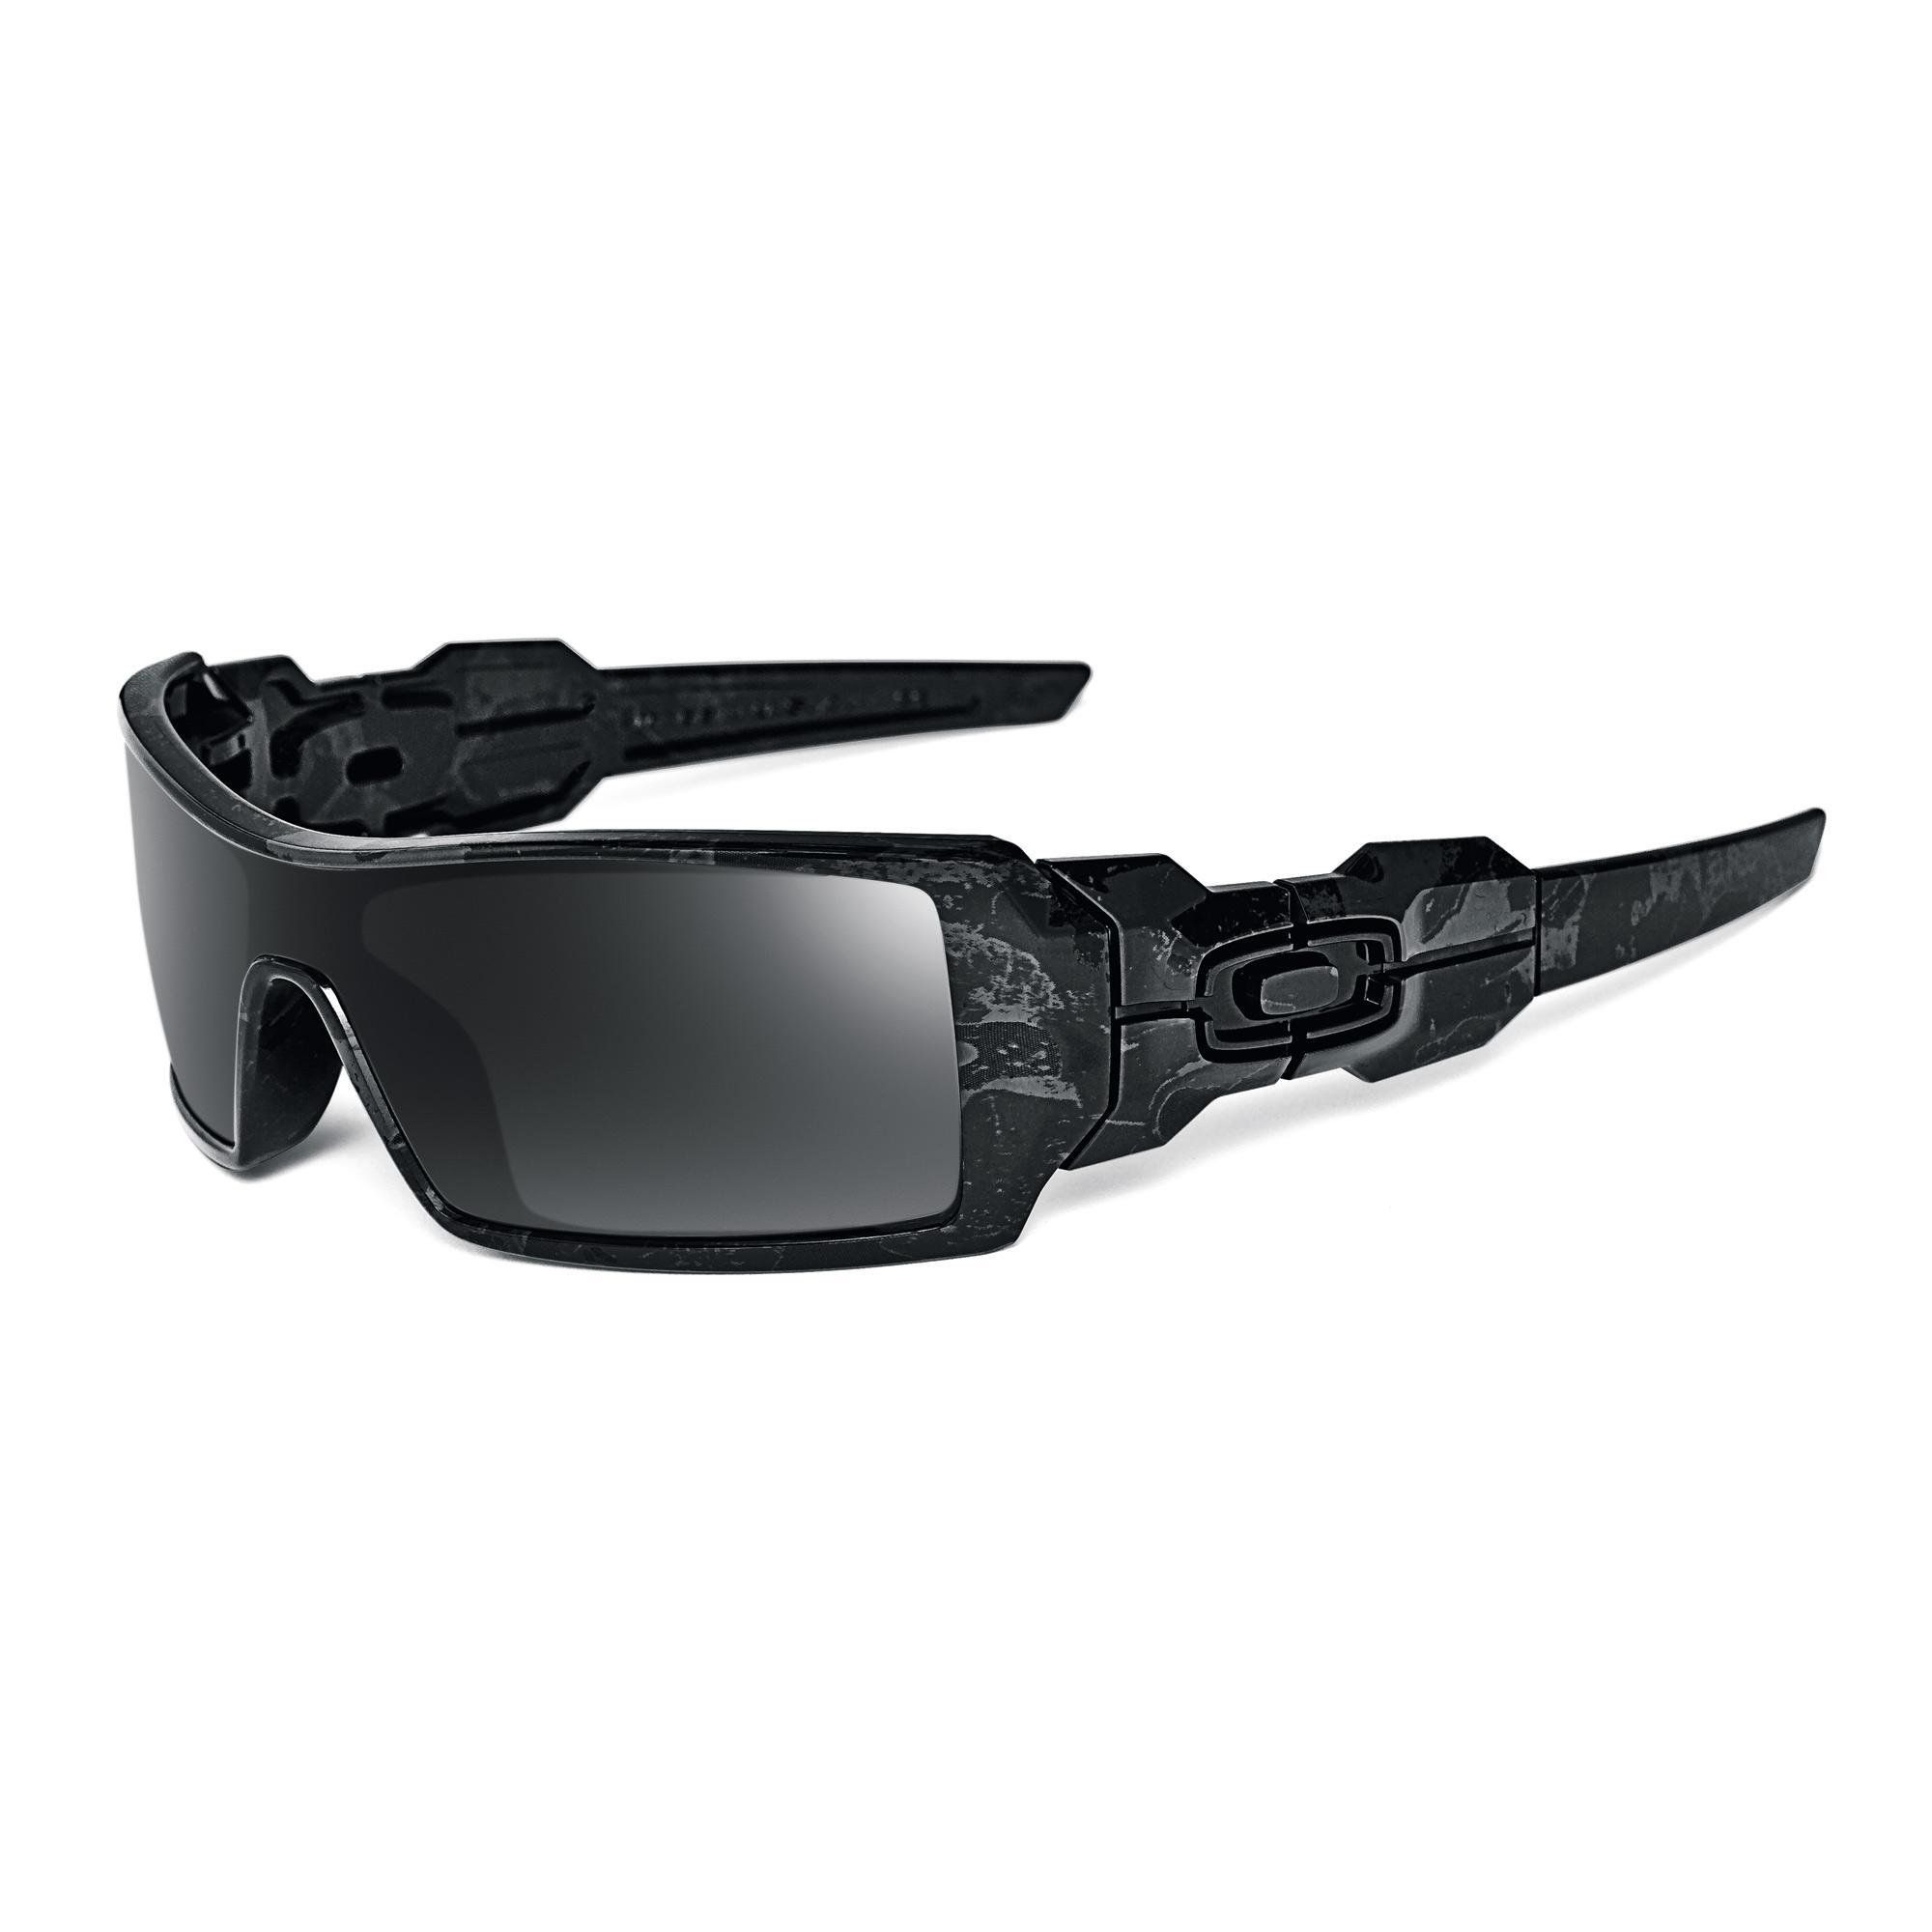 cd51dc800b2c9 Foto Madd Patinete Freestyle Vx2 Team Blanco Rojo foto 375807. MryLens  Store has All Kinds of Mryok Anti-Scratch POLARIZED Lentes de Reposição  para óculos ...